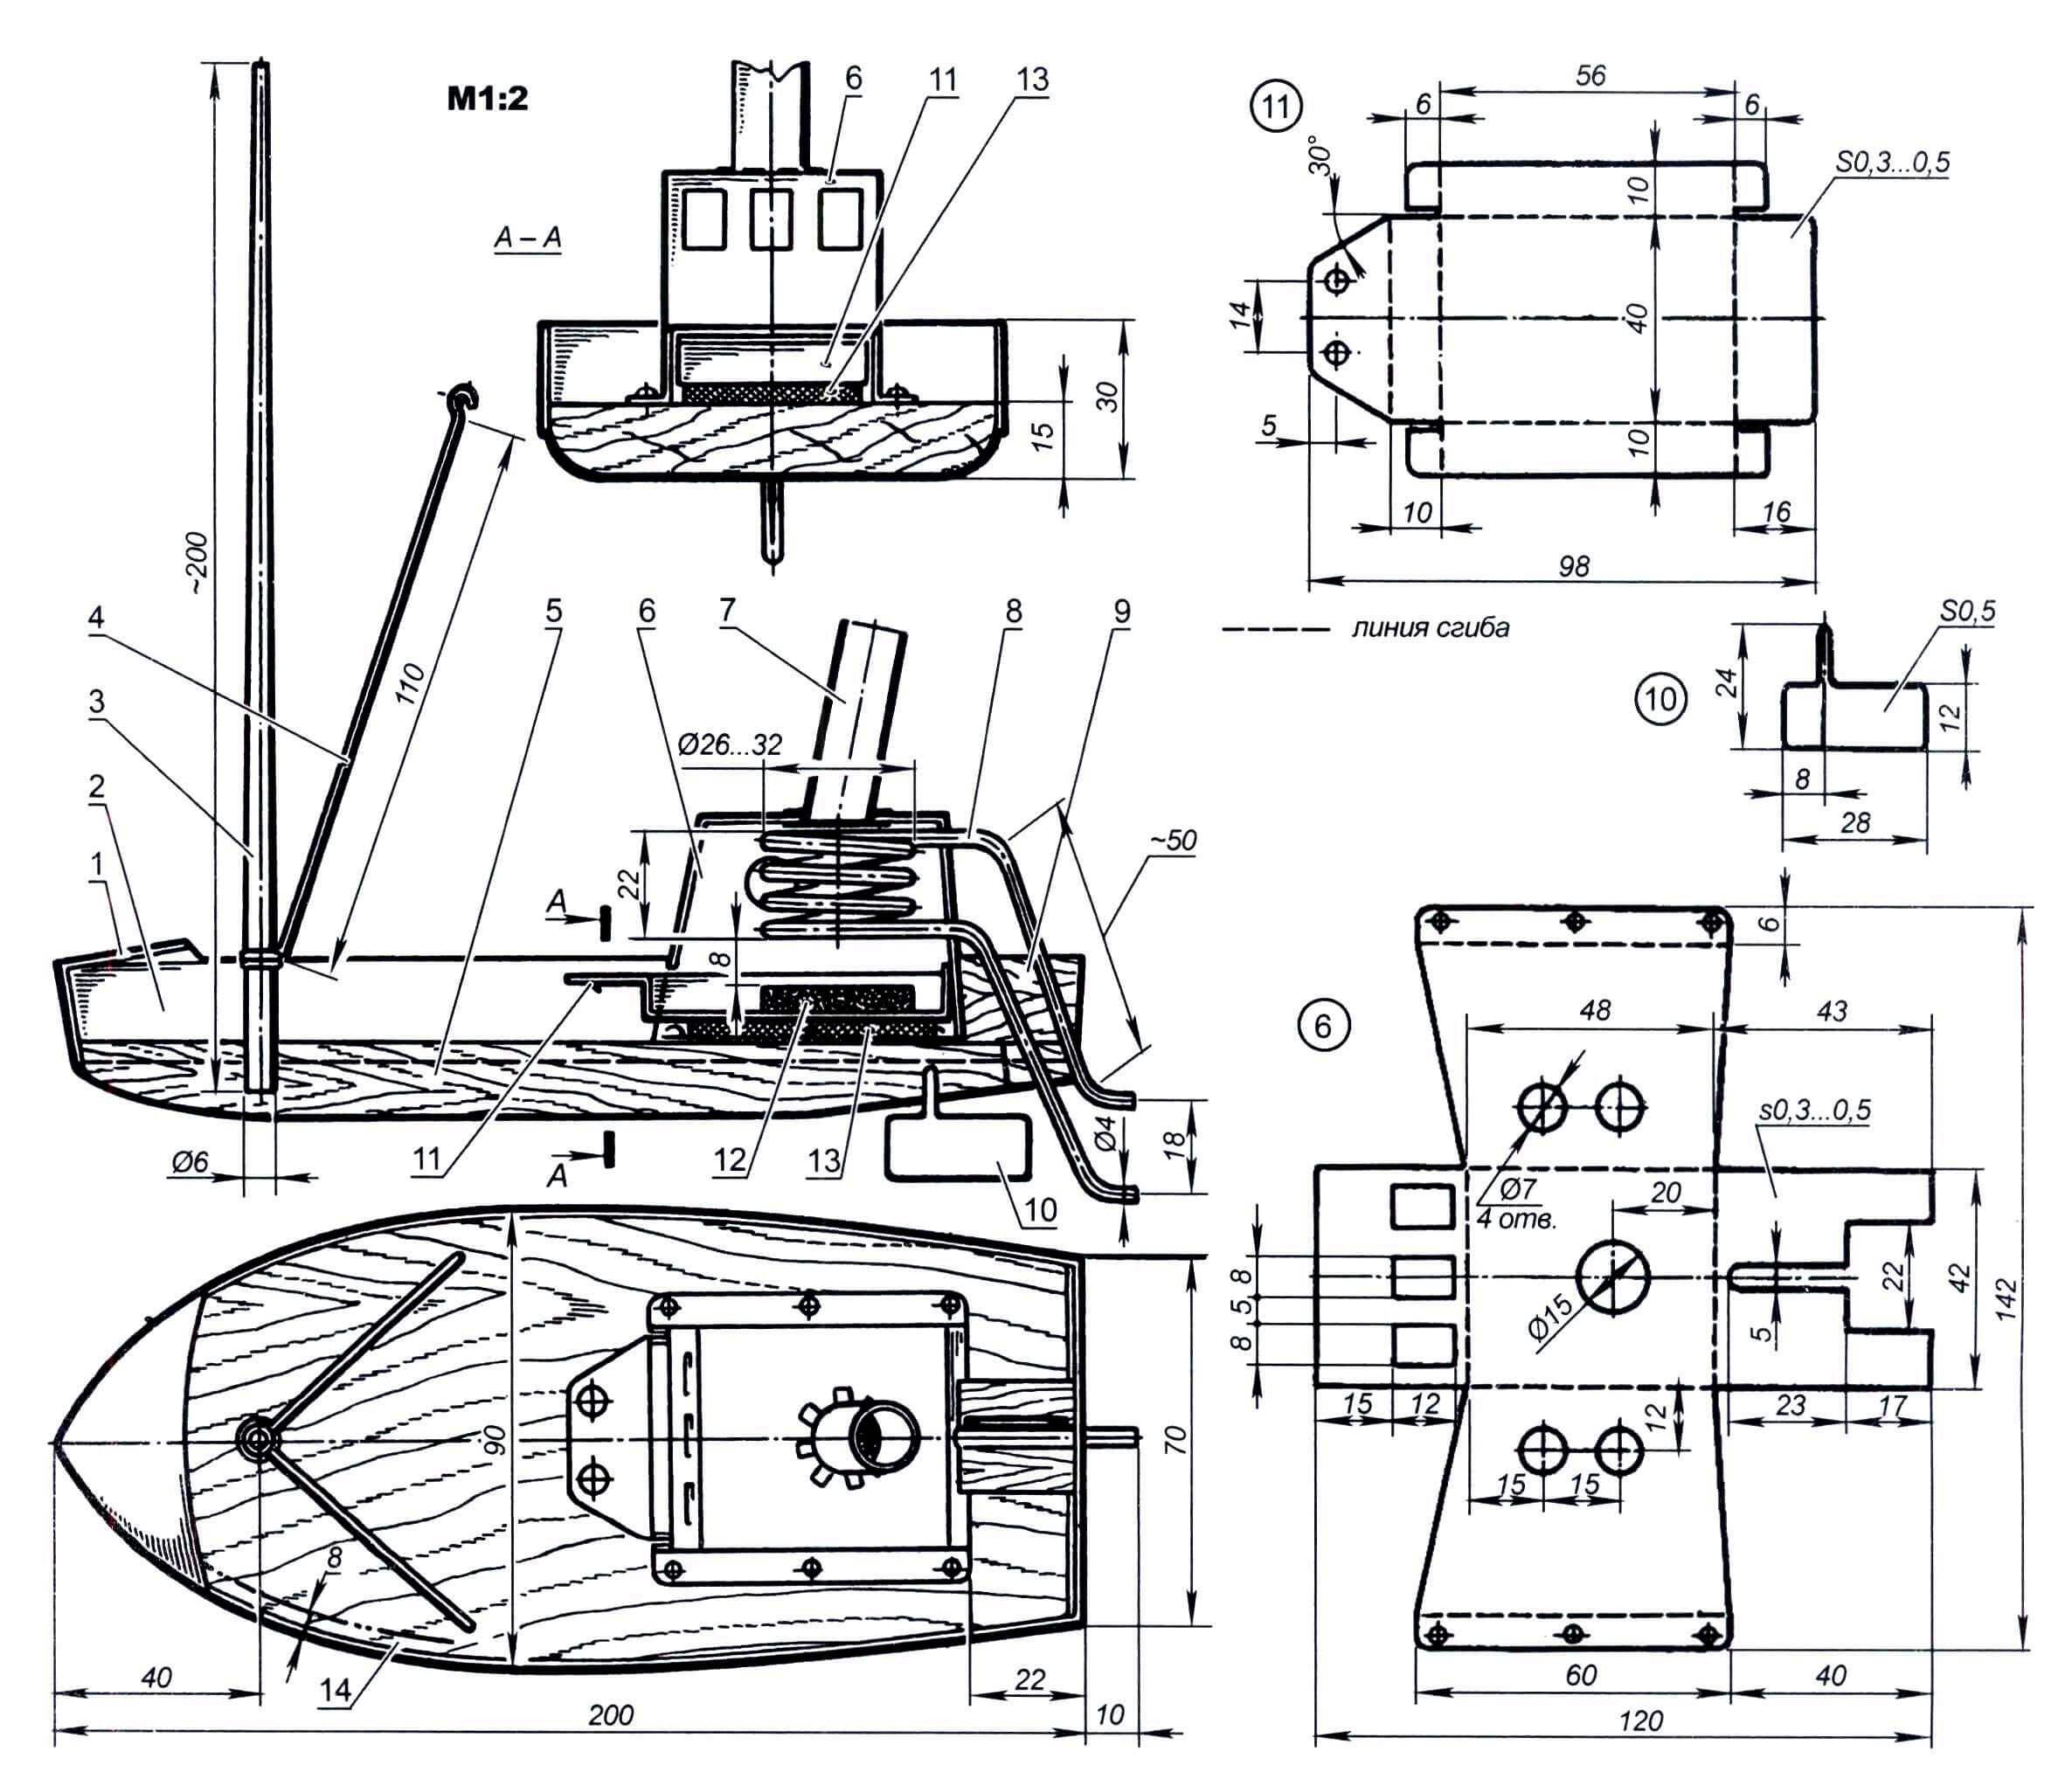 Полукопия рыболовецкого катера с прямоточным паровым двигателем: 1 - носовое перекрытие (палуба - жесть), 2 - борта корпуса (жесть или кровельное железо), 3 - мачта (сосна или береза), 4 - грузовая стрела (проволока), 5 - корпус (липа или береза), 6 - «рубка» (жесть или кровельное железо), 7 - труба (жесть), 8 -трубка-змеевик, 9 - бобышка для расклинивания трубок змеевика, 10 - руль (кровельное железо), 11 - поддон (жесть или кровельное железо), 12 - топливная таблетка, 13 - асбестовая прокладка, 14 - борт корпуса в деревянном исполнении. После окончания постройки все деревянные детали покрыть двумя слоями теплой олифы и окрасить масляными красками. Металлические детали не паять, кроме элементов борта и палубы